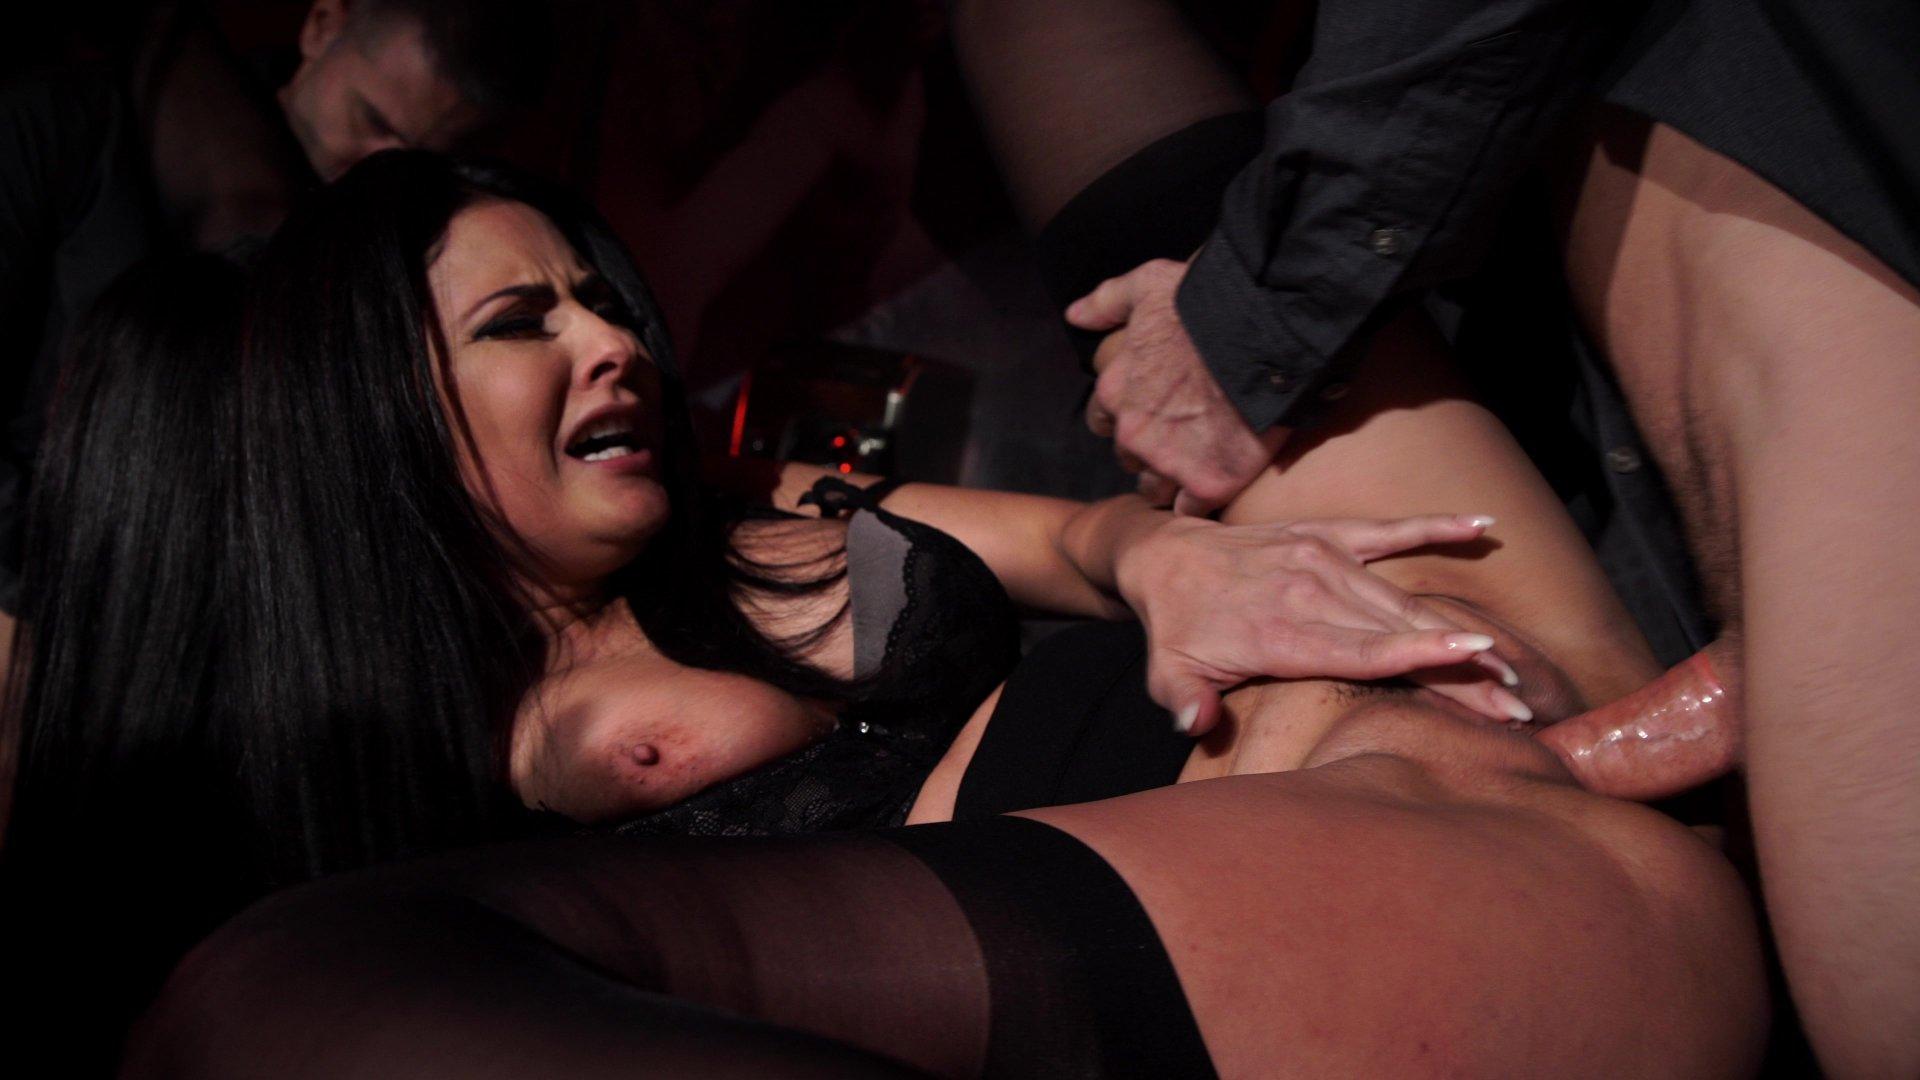 Лучшие сцены анала клипы, секс порно видео зрелые кончает